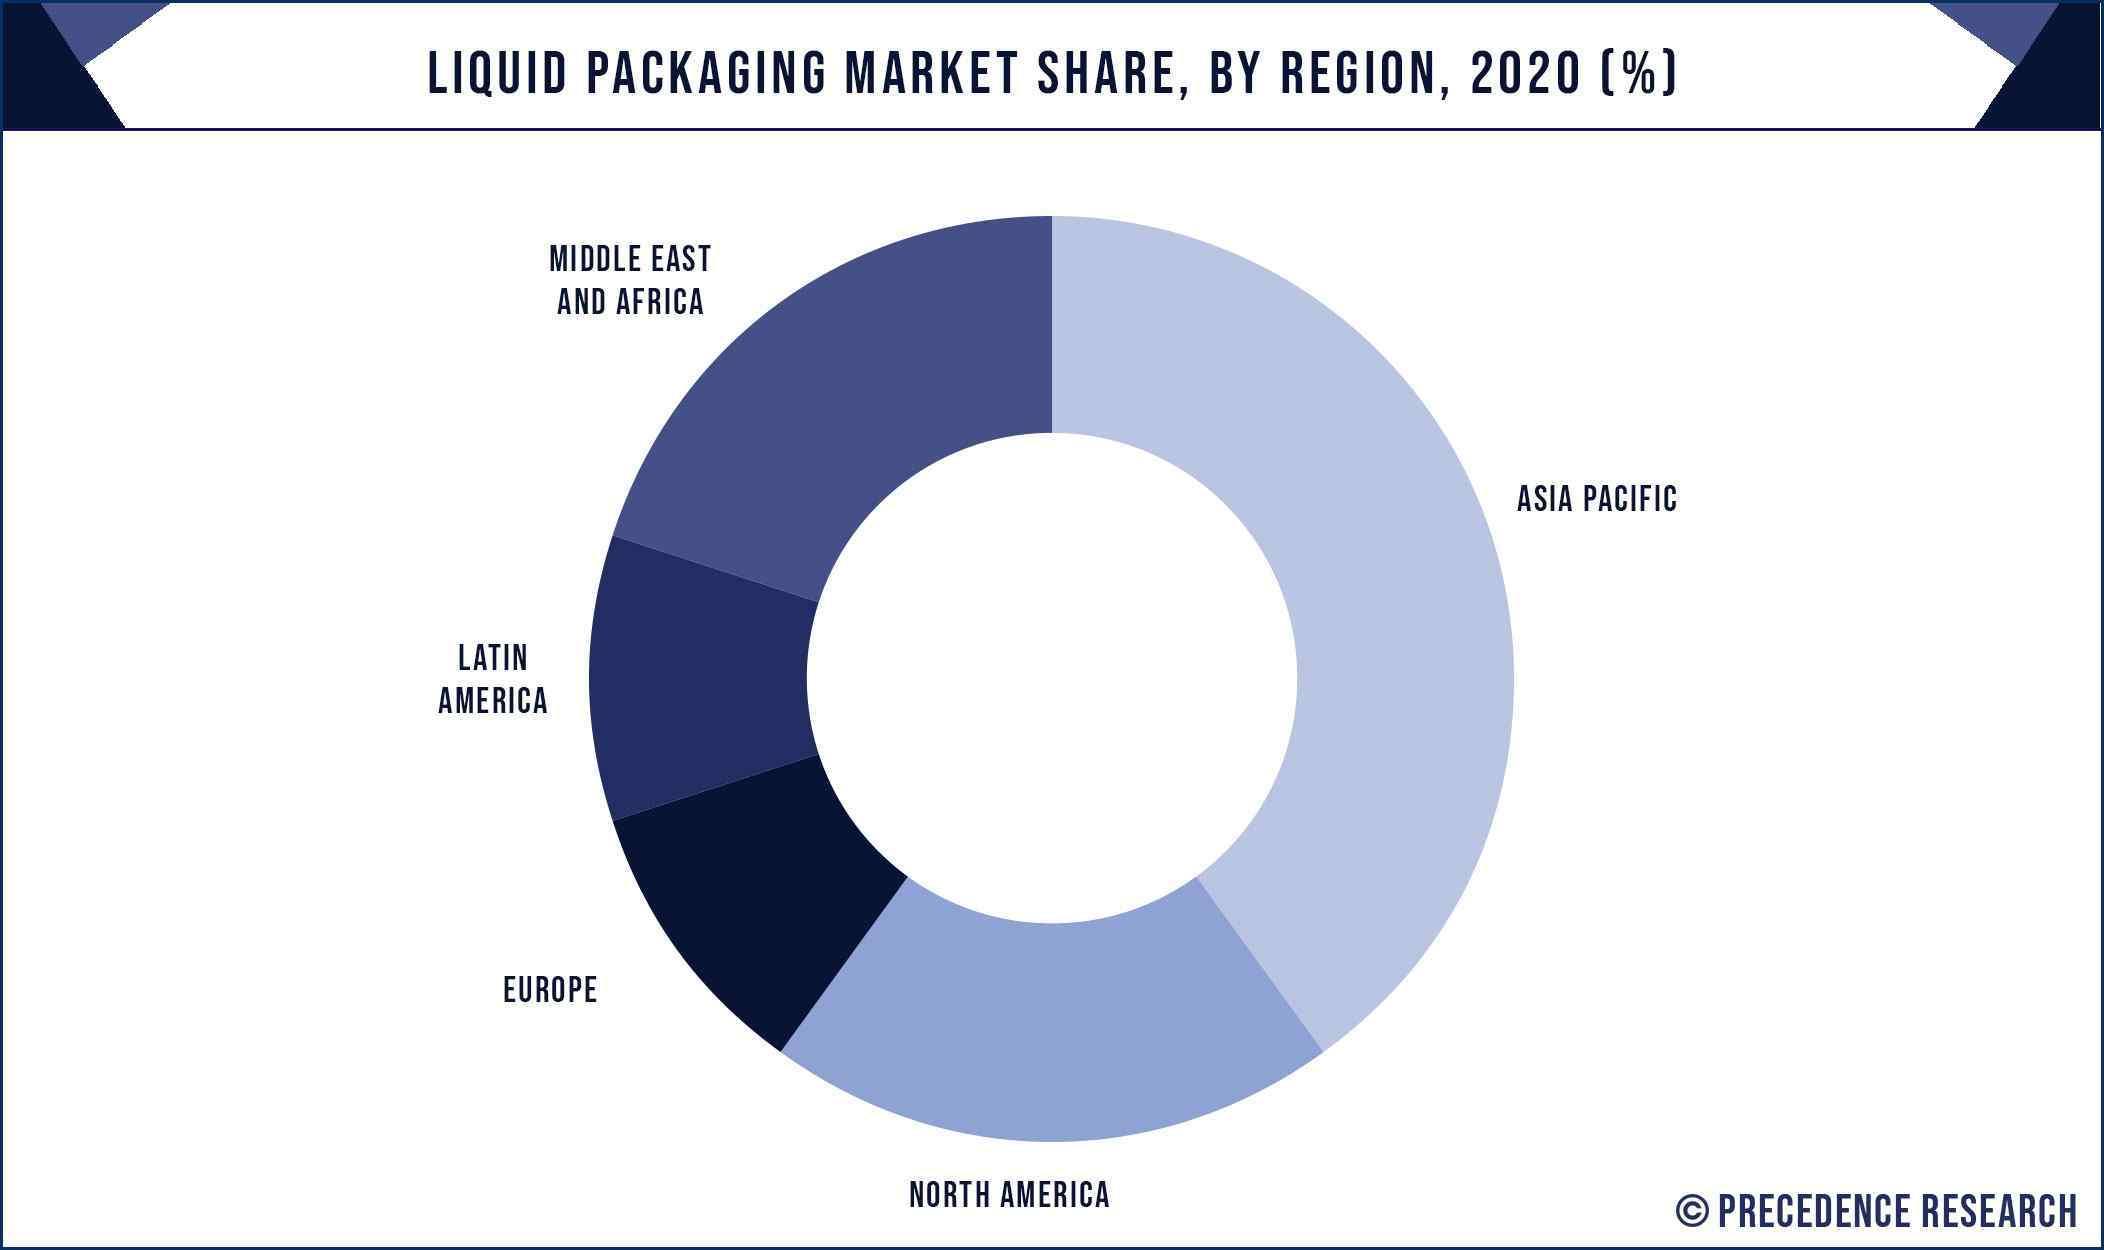 Liquid Packaging Market Share By Region 2020 (%)